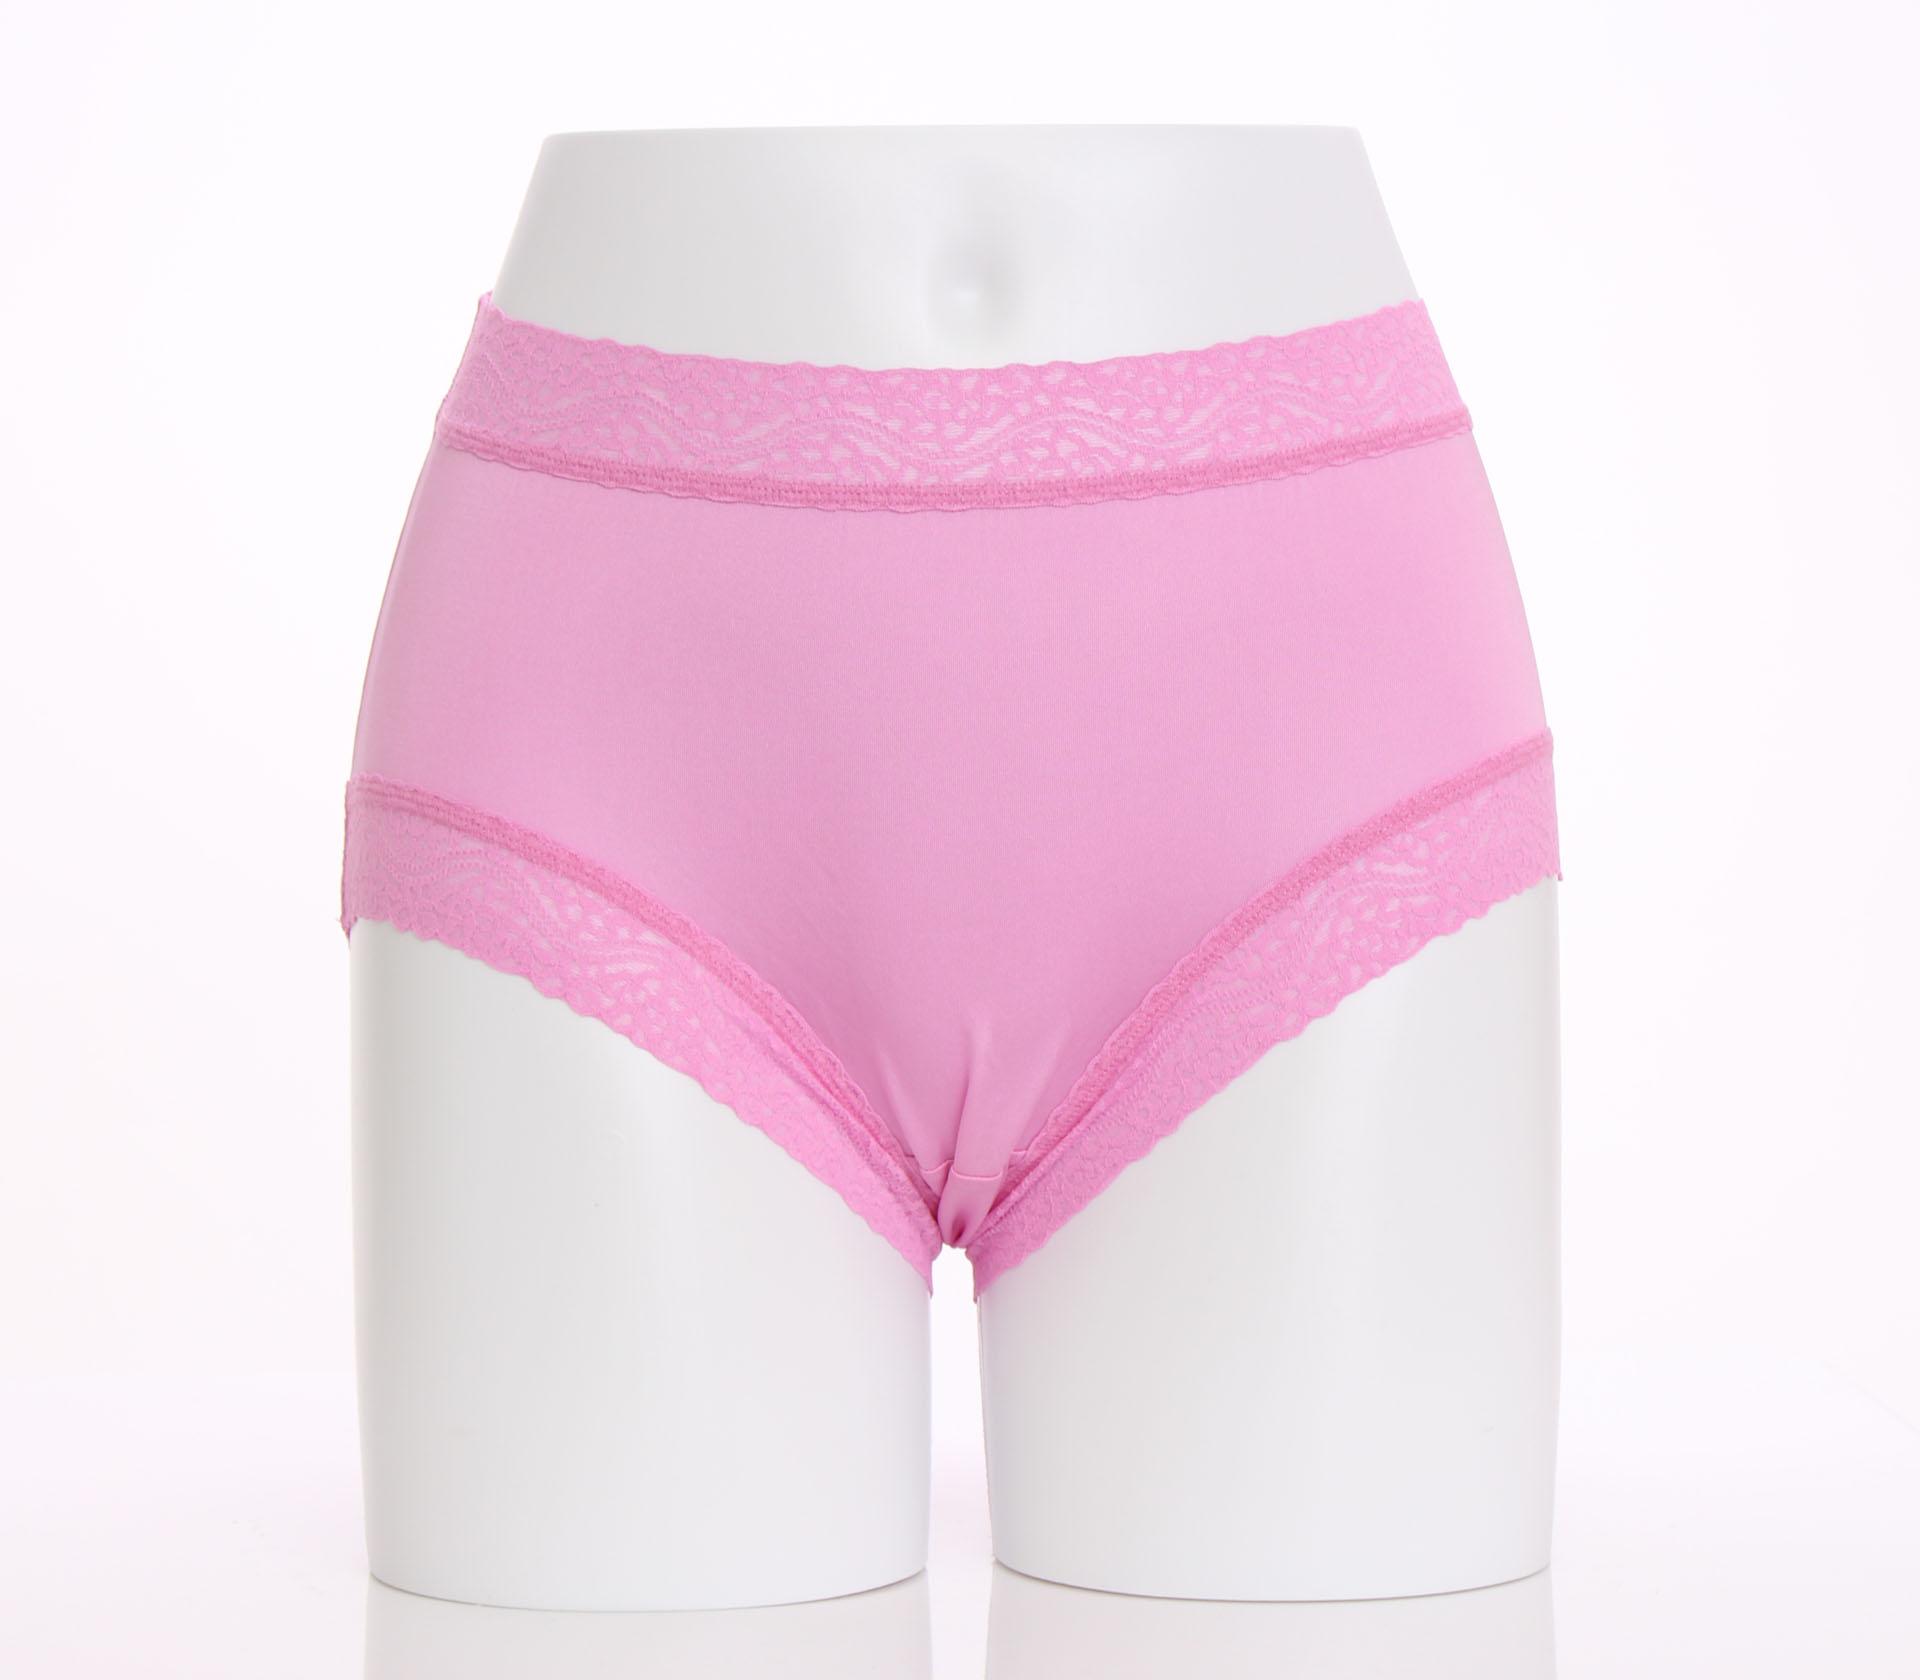 闕蘭絹簡約舒適100%蠶絲內褲-8879(紫)